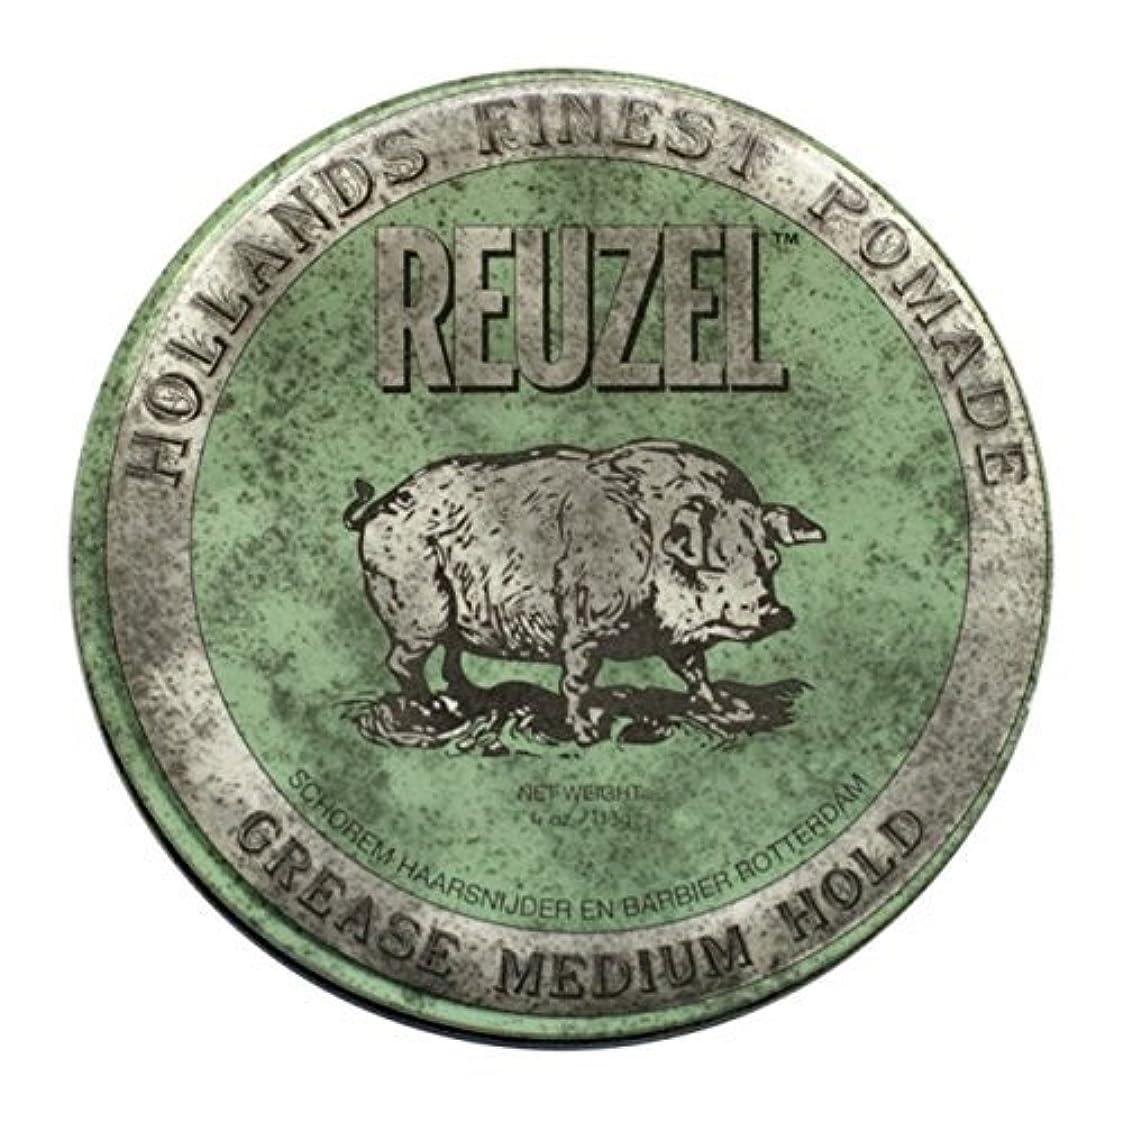 手伝うアクロバット音節REUZEL Grease Hold Hair Styling Pomade Piglet Wax/Gel, Medium, Green, 1.3 oz, 35g [並行輸入品]